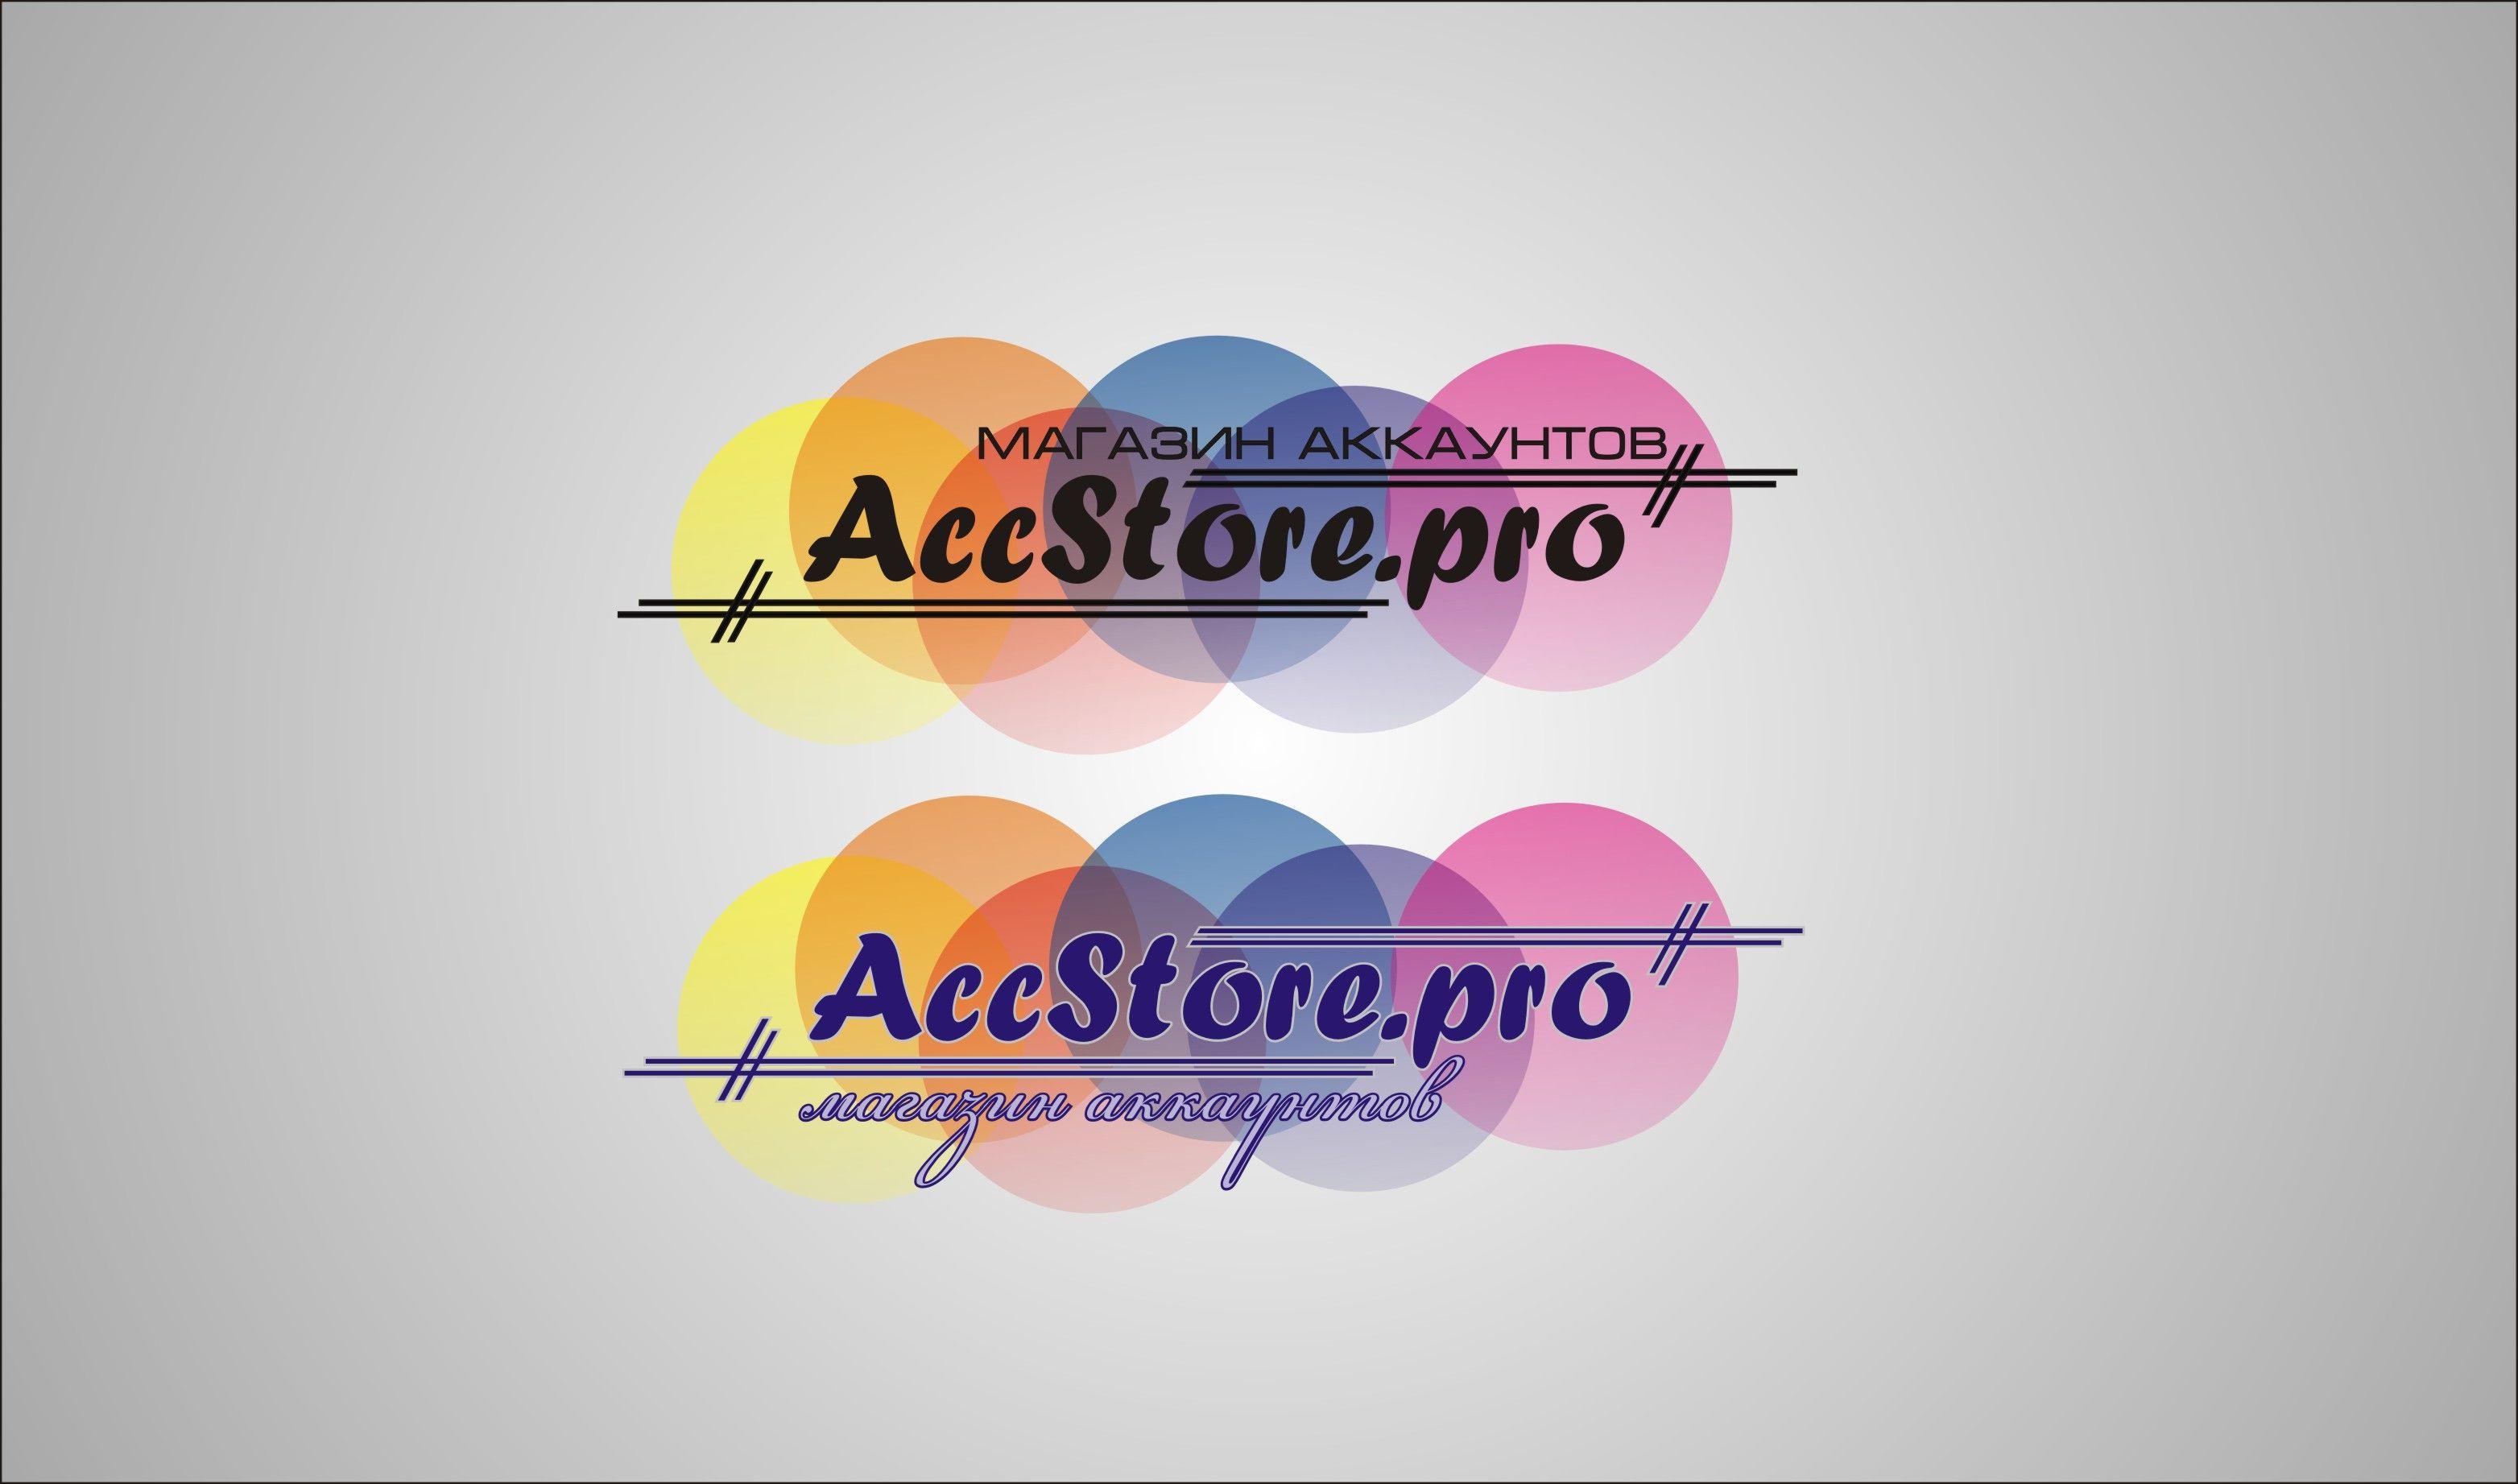 Логотип для магазина аккаунтов - дизайнер Nedowo